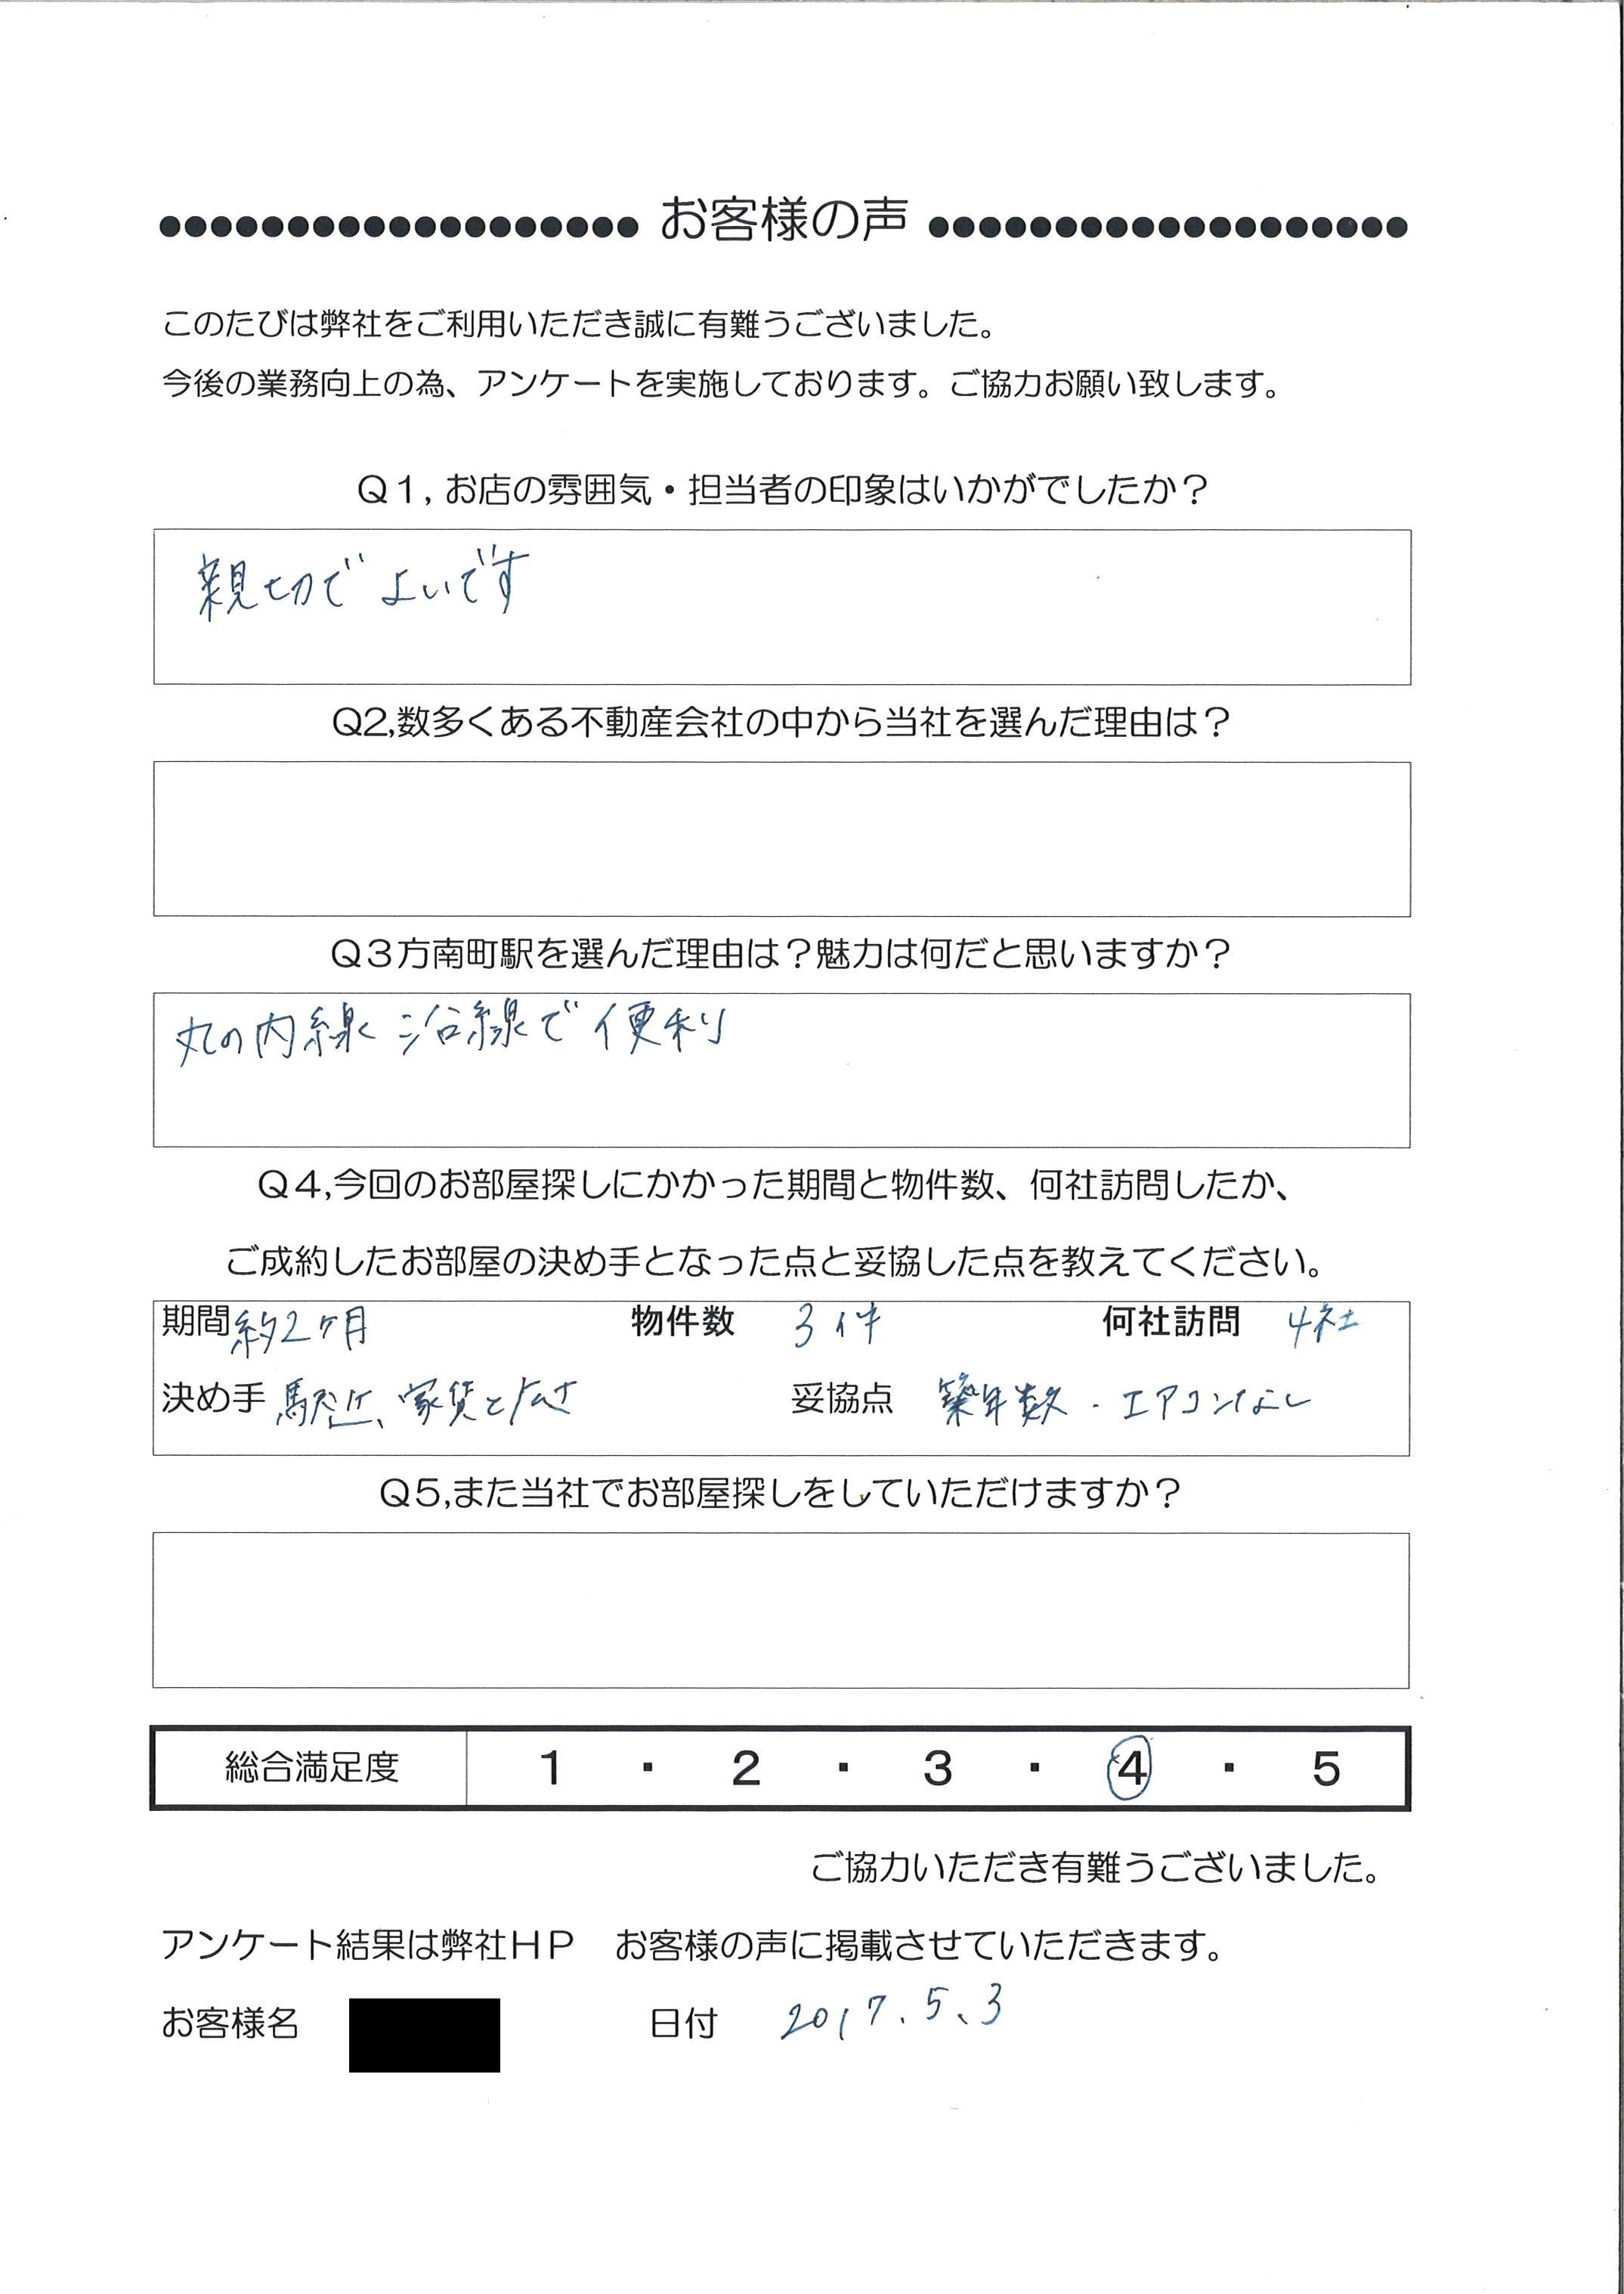 K・Y 様 (31歳)男性(会社員)アンケート回答